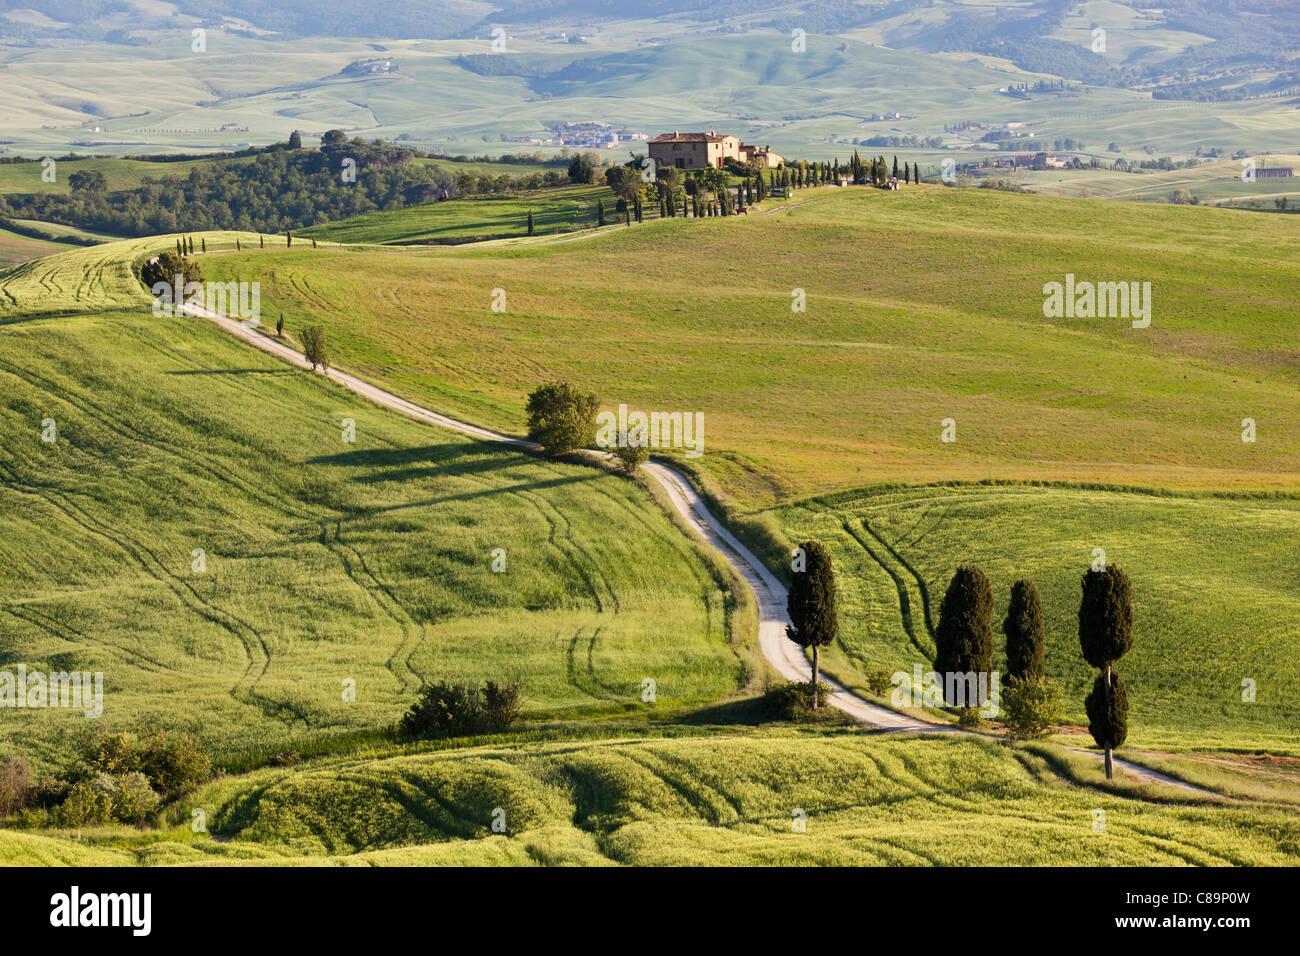 L'Italia, Toscana, Val d'Orcia, vista del paesaggio collinare e la fattoria con cipressi Immagini Stock